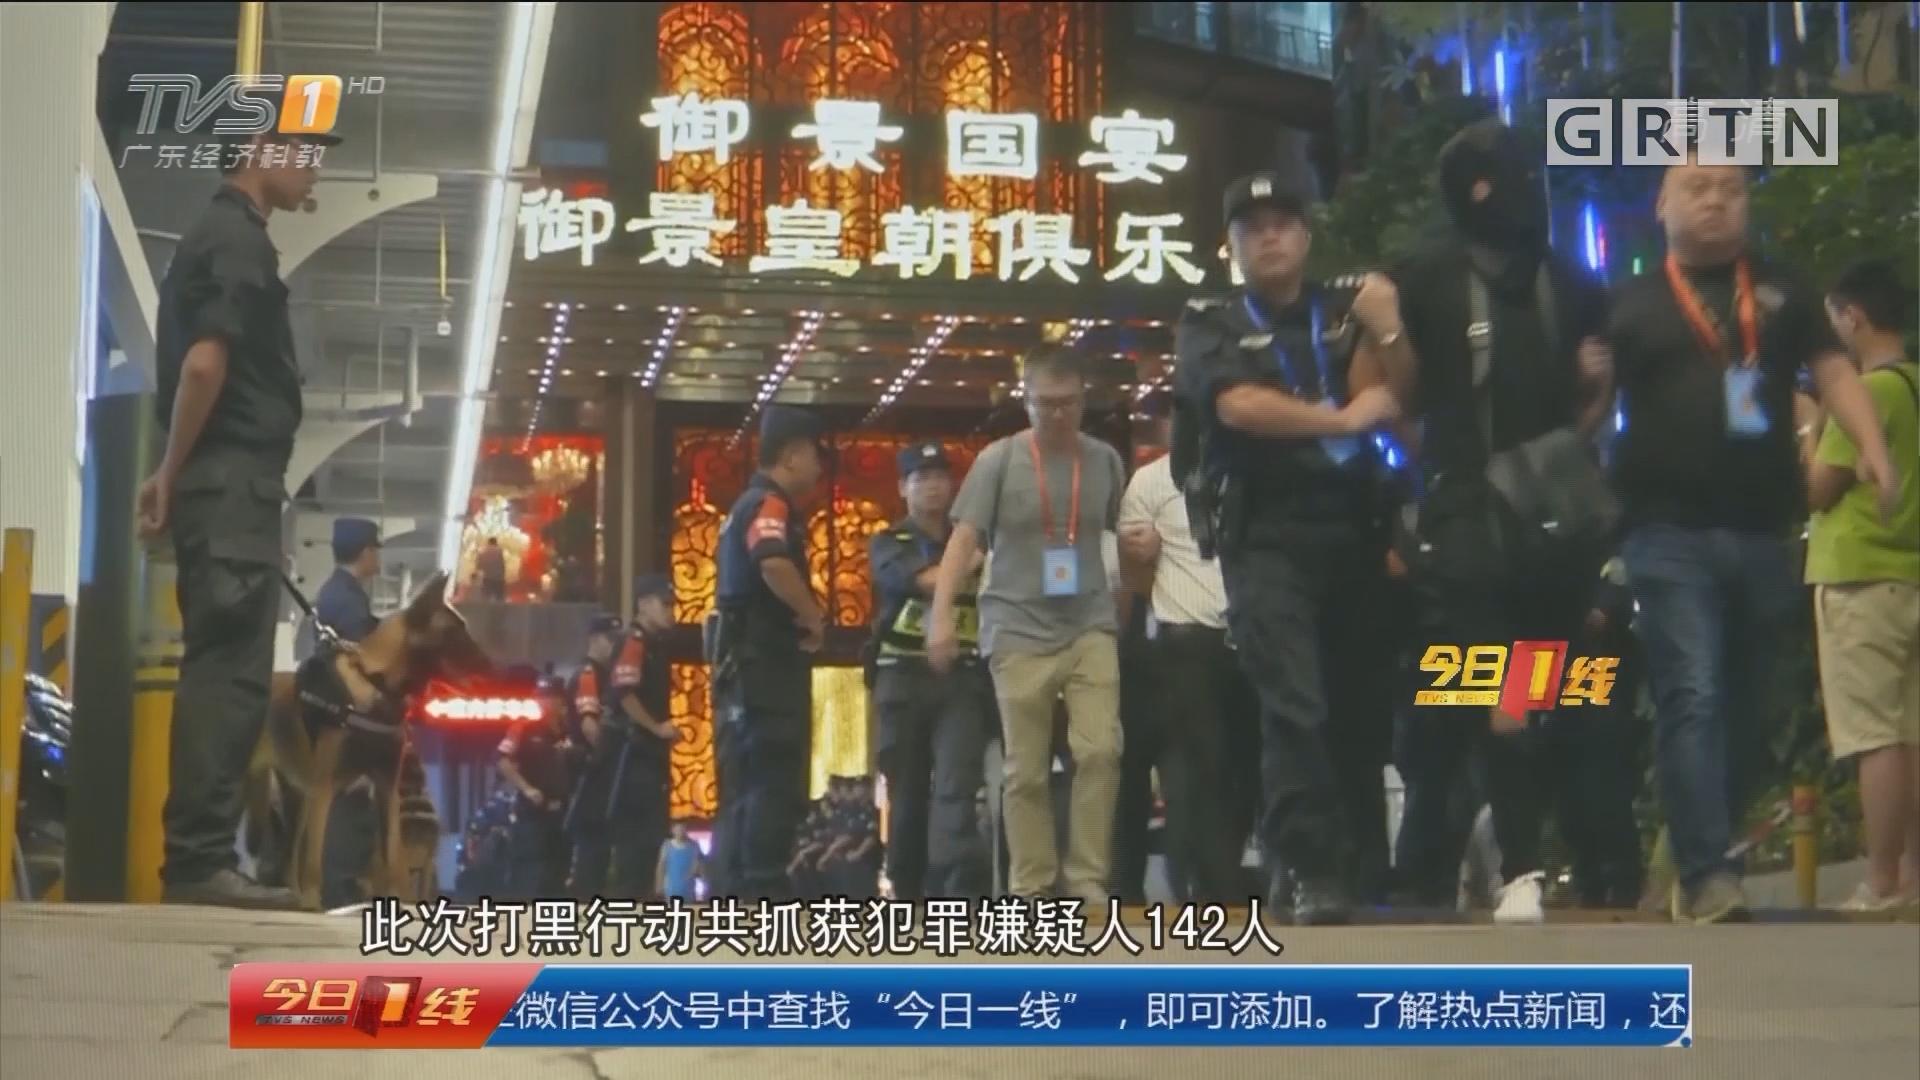 深圳:警方大规模打黑行动 摧毁涉黑团伙